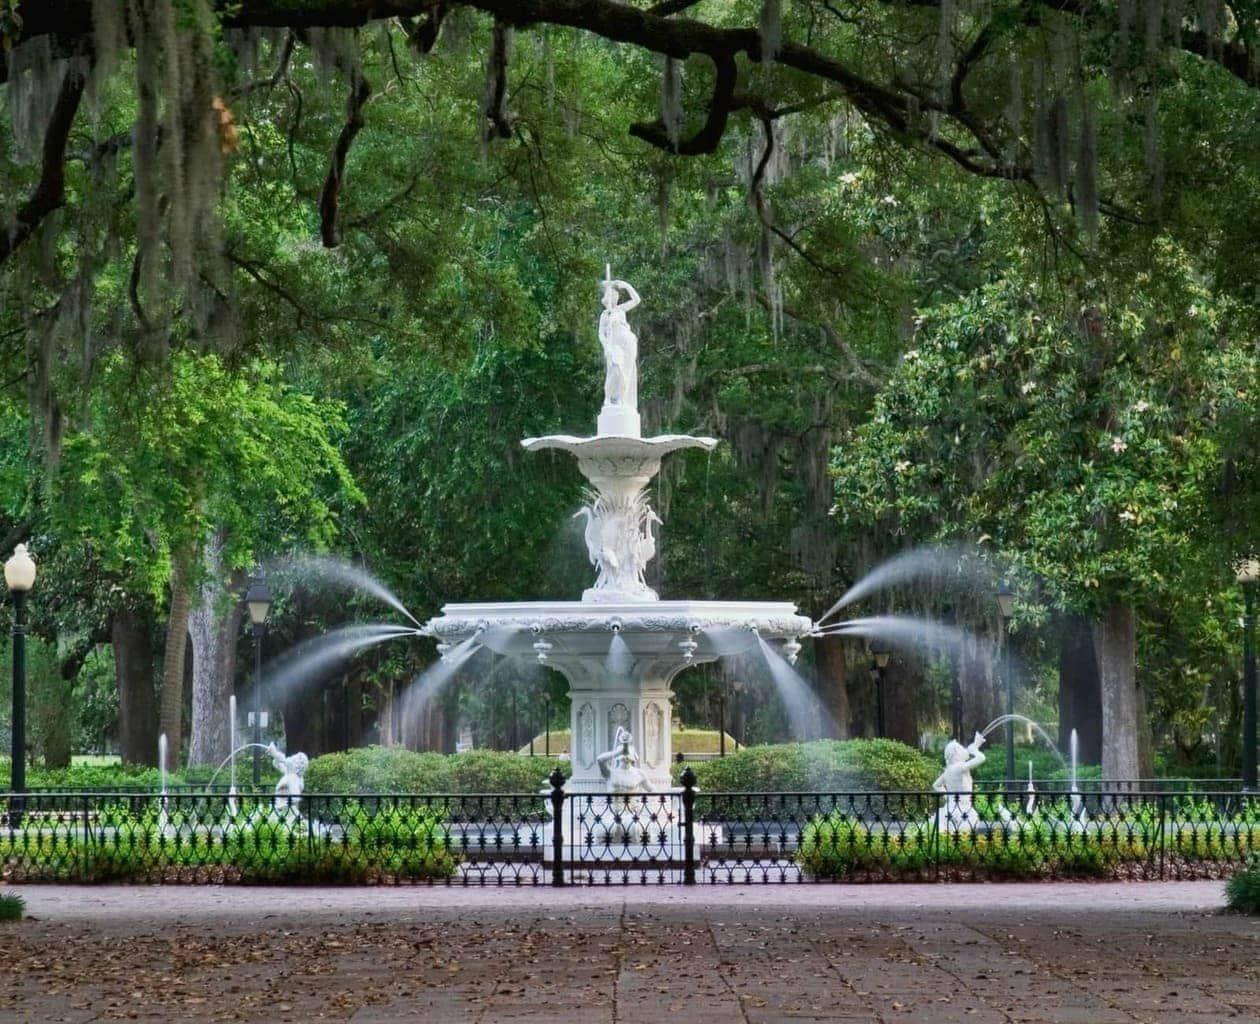 Weekend Getaway: Top 12Places to Visit in Savannah, Georgia